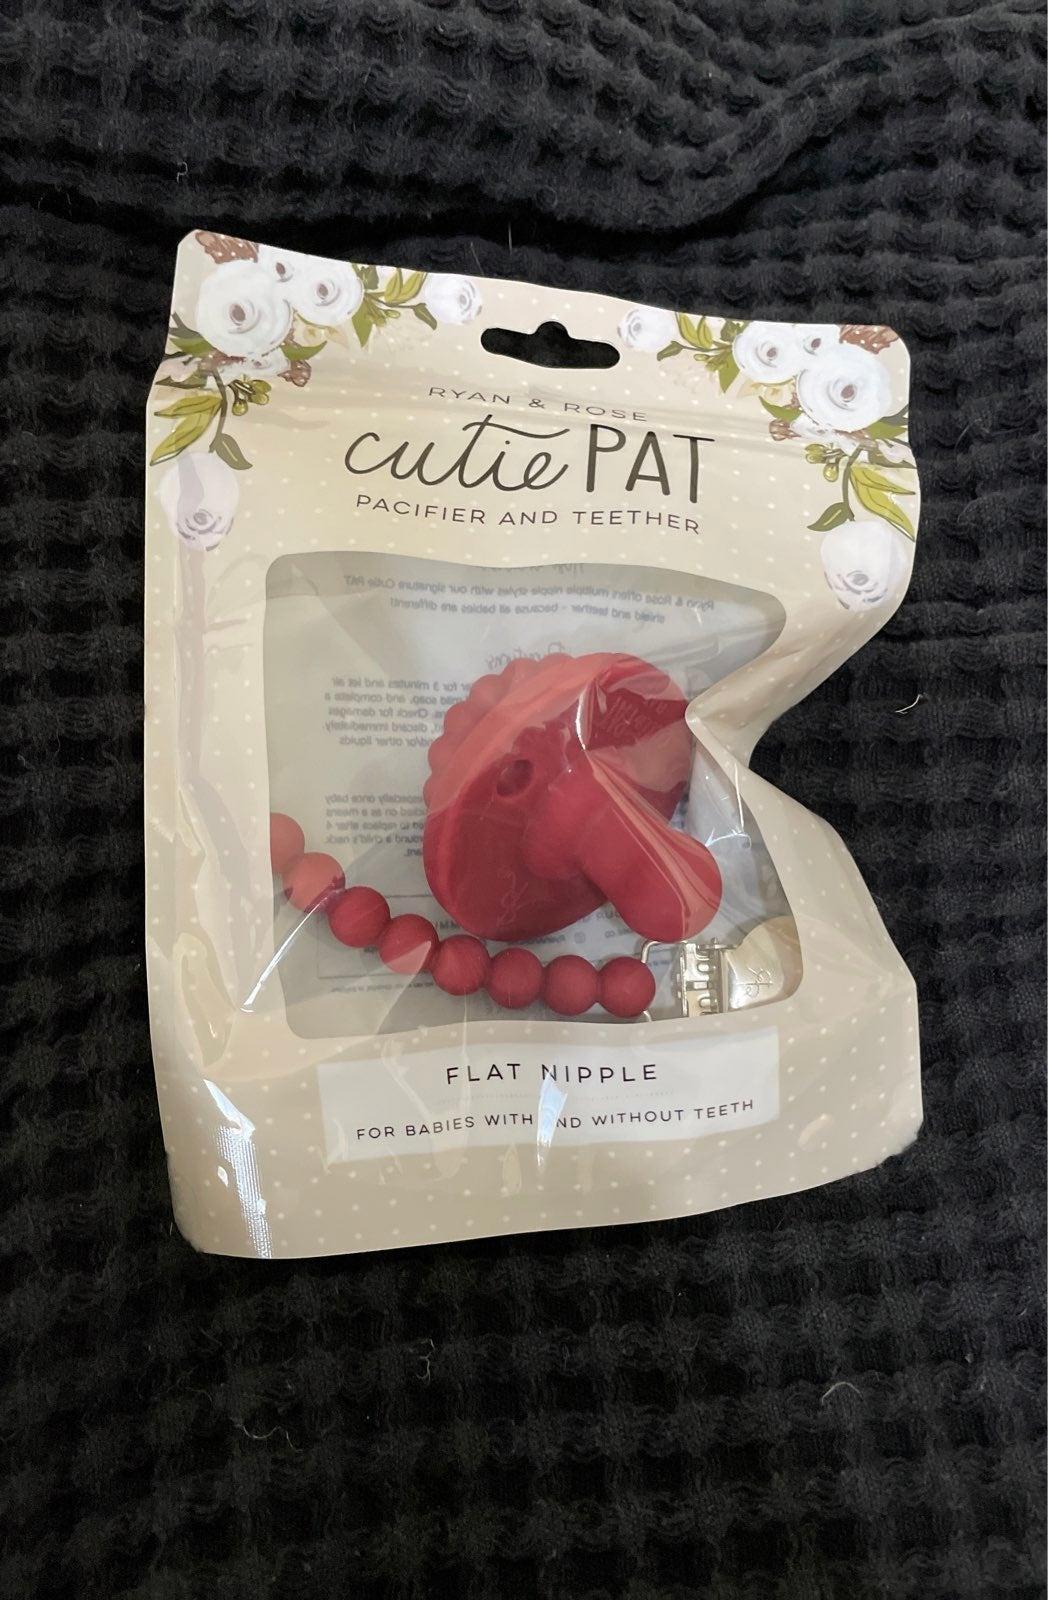 Ryan & Rose Pinot Cutie Pat Flat & Clip